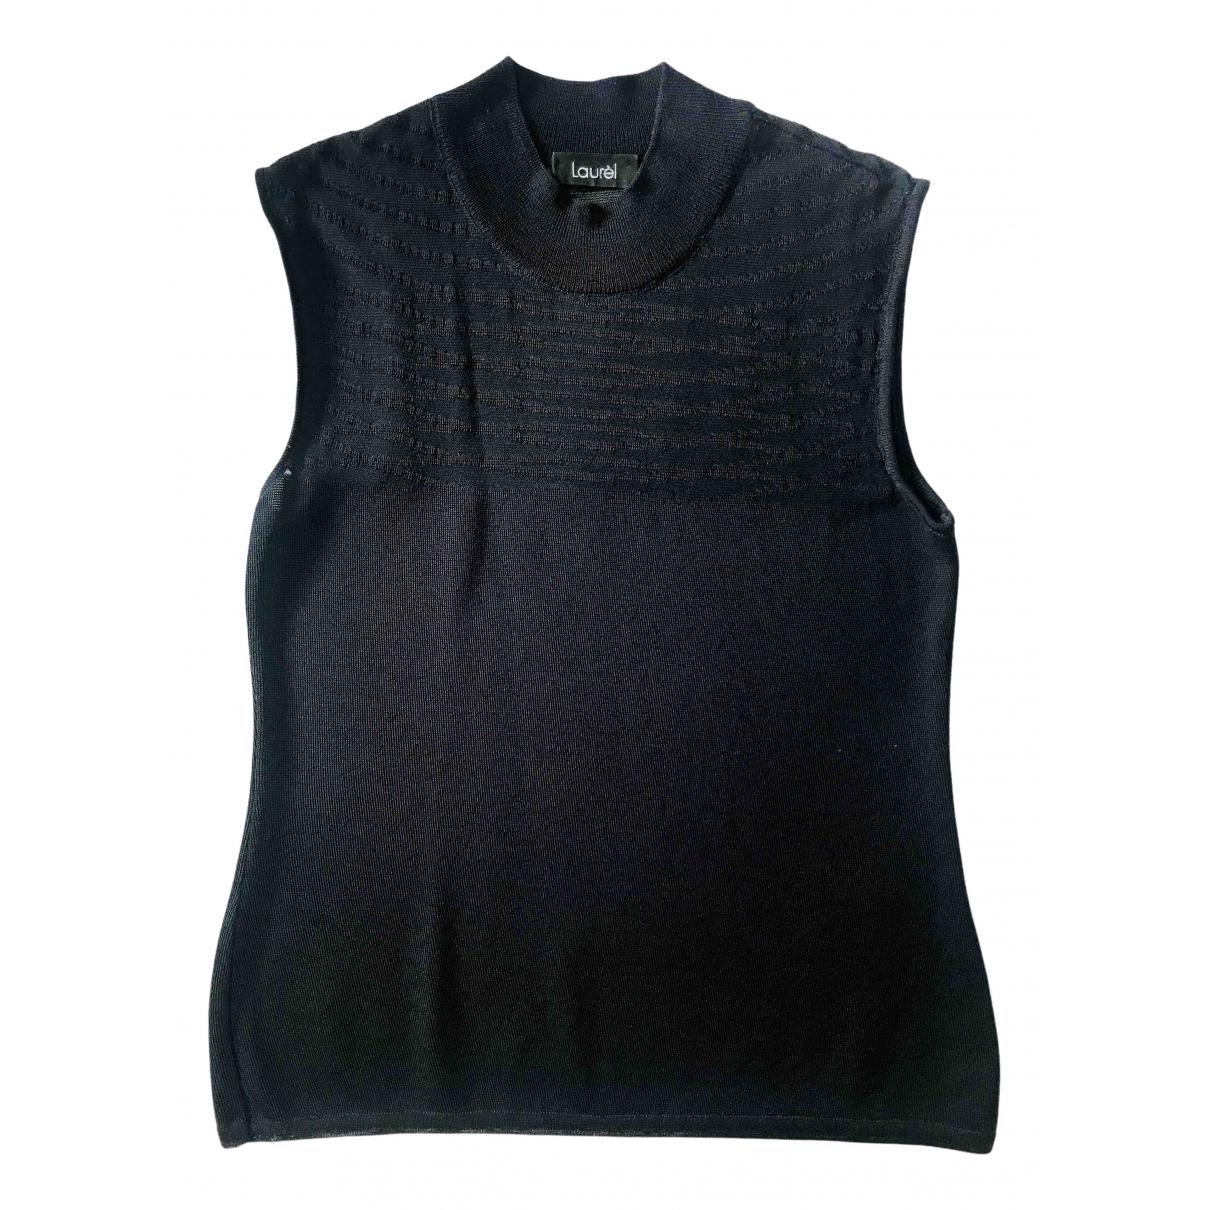 Camiseta sin mangas Laurel